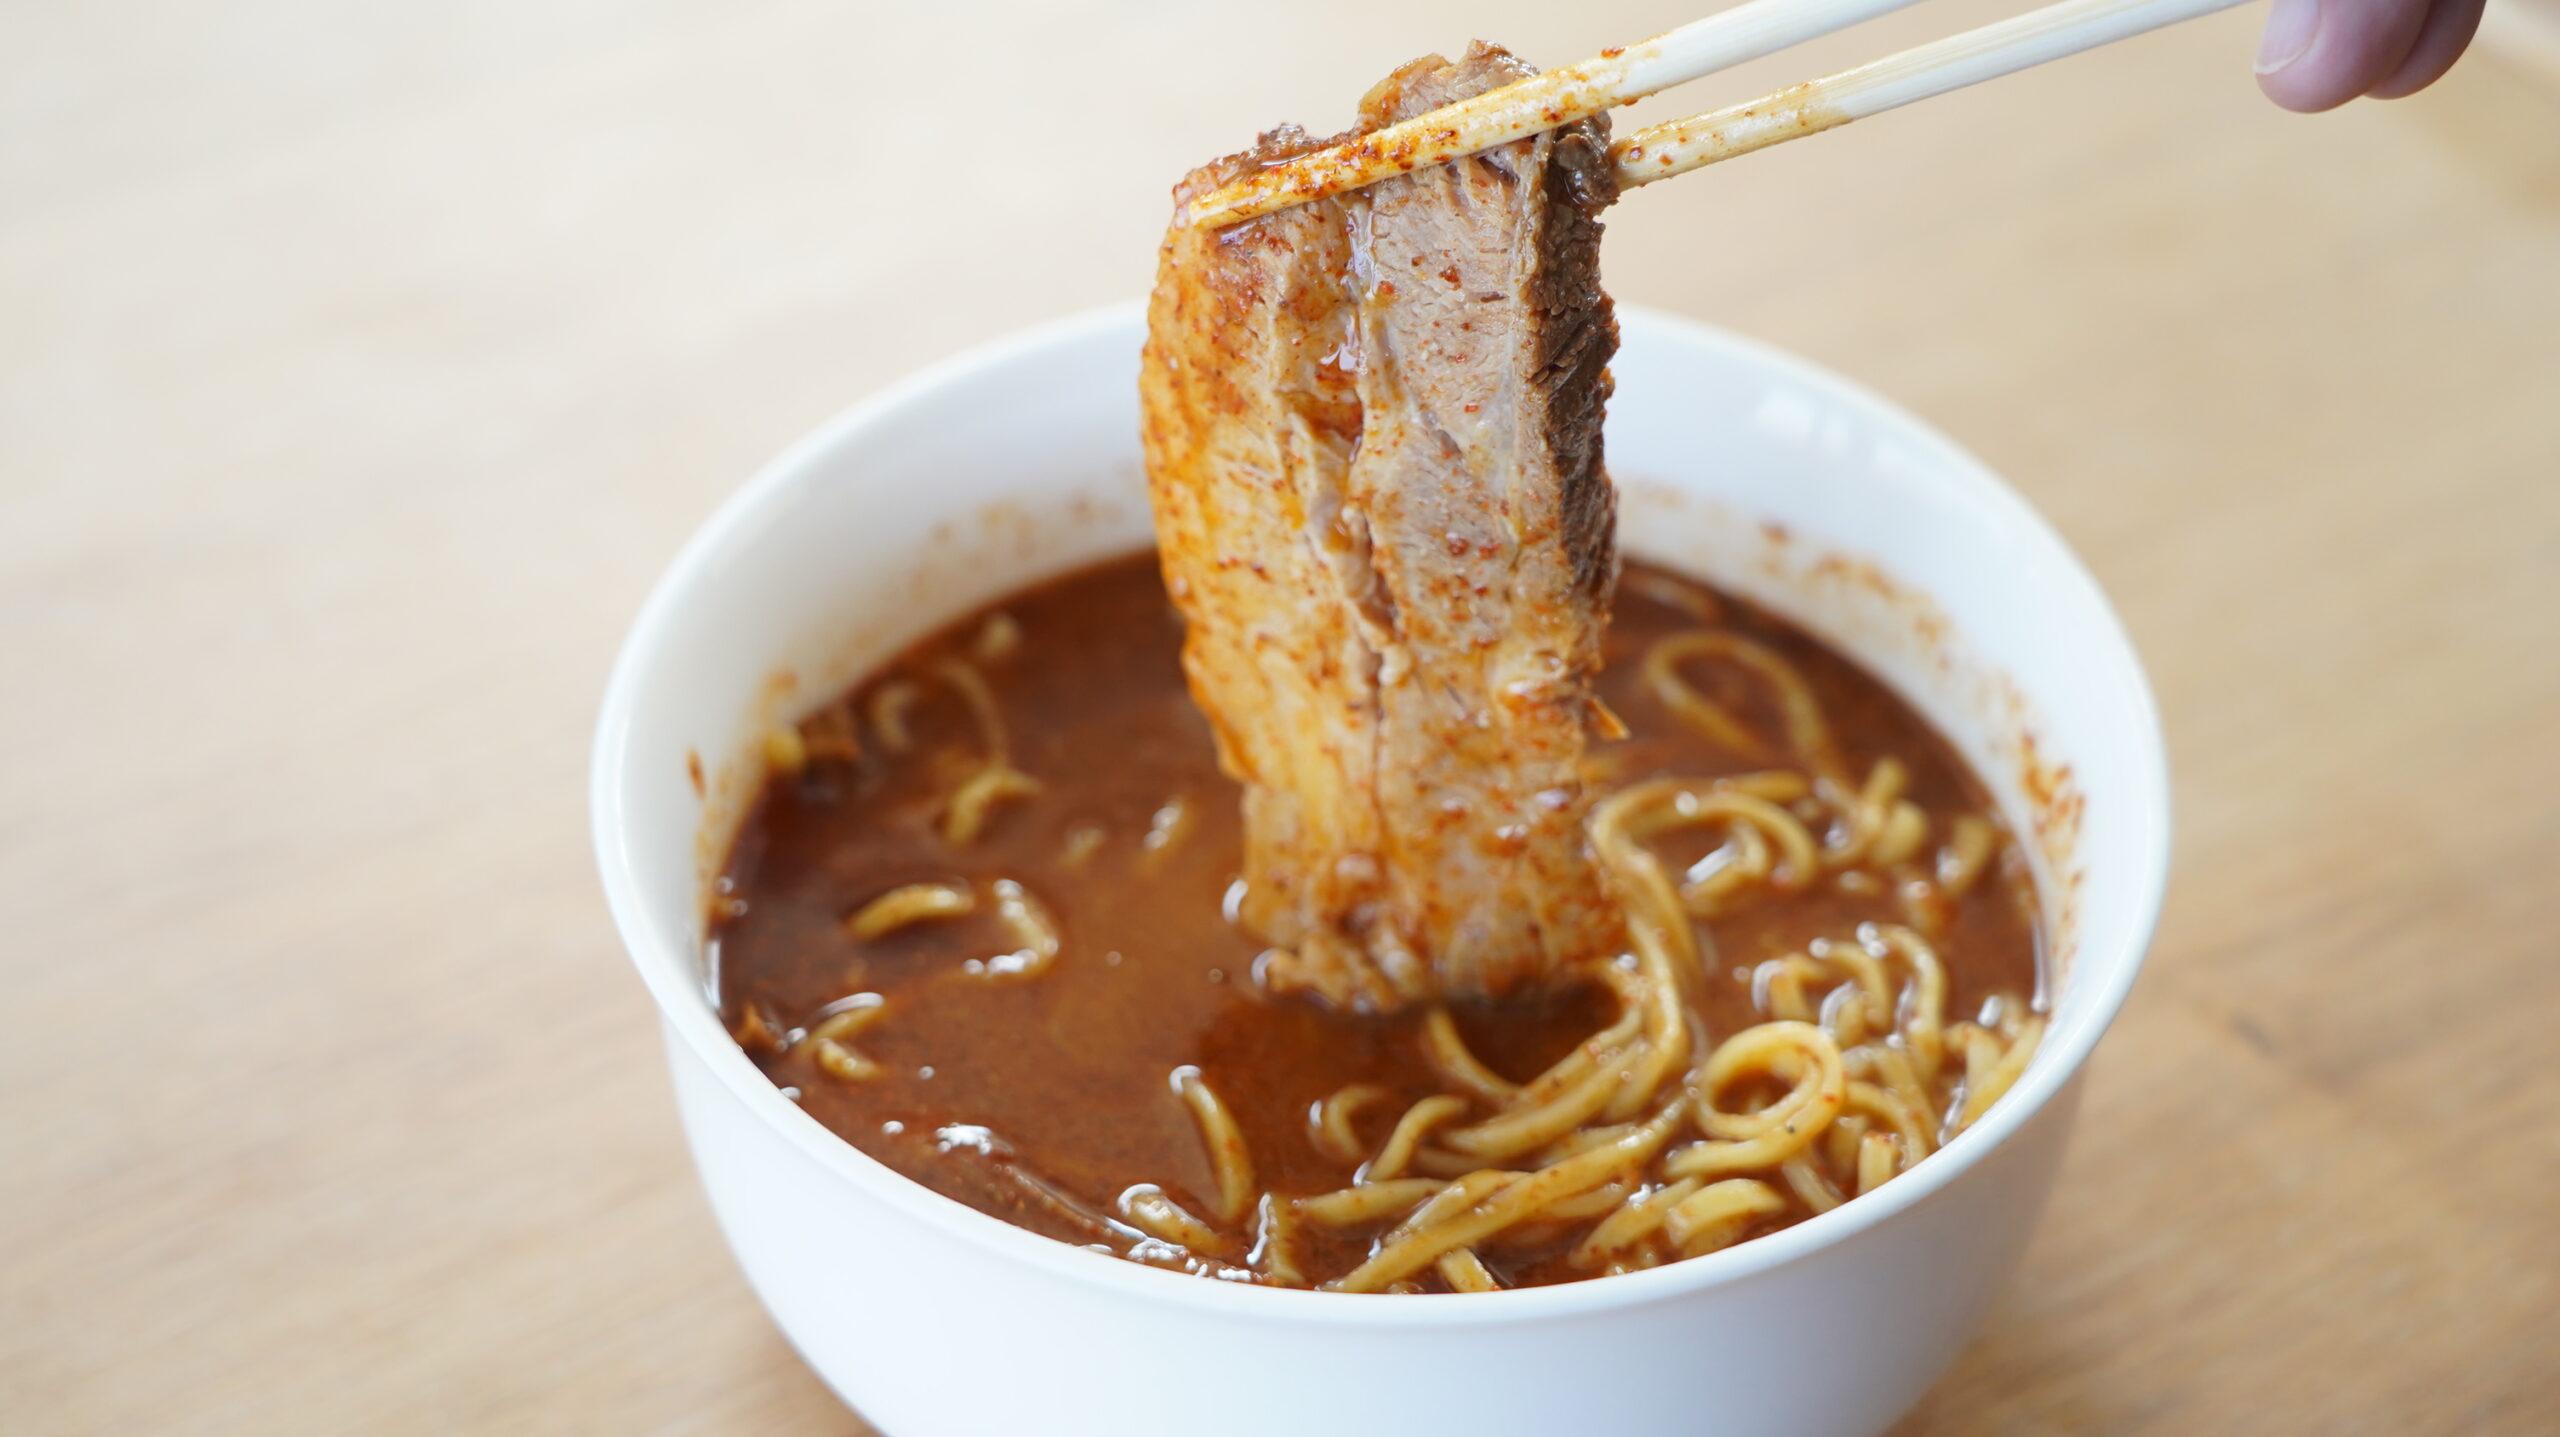 麺処「井の庄」のお取り寄せ・オンライン通販用「辛辛魚らーめん」のチャーシューを箸でつまんでいる写真